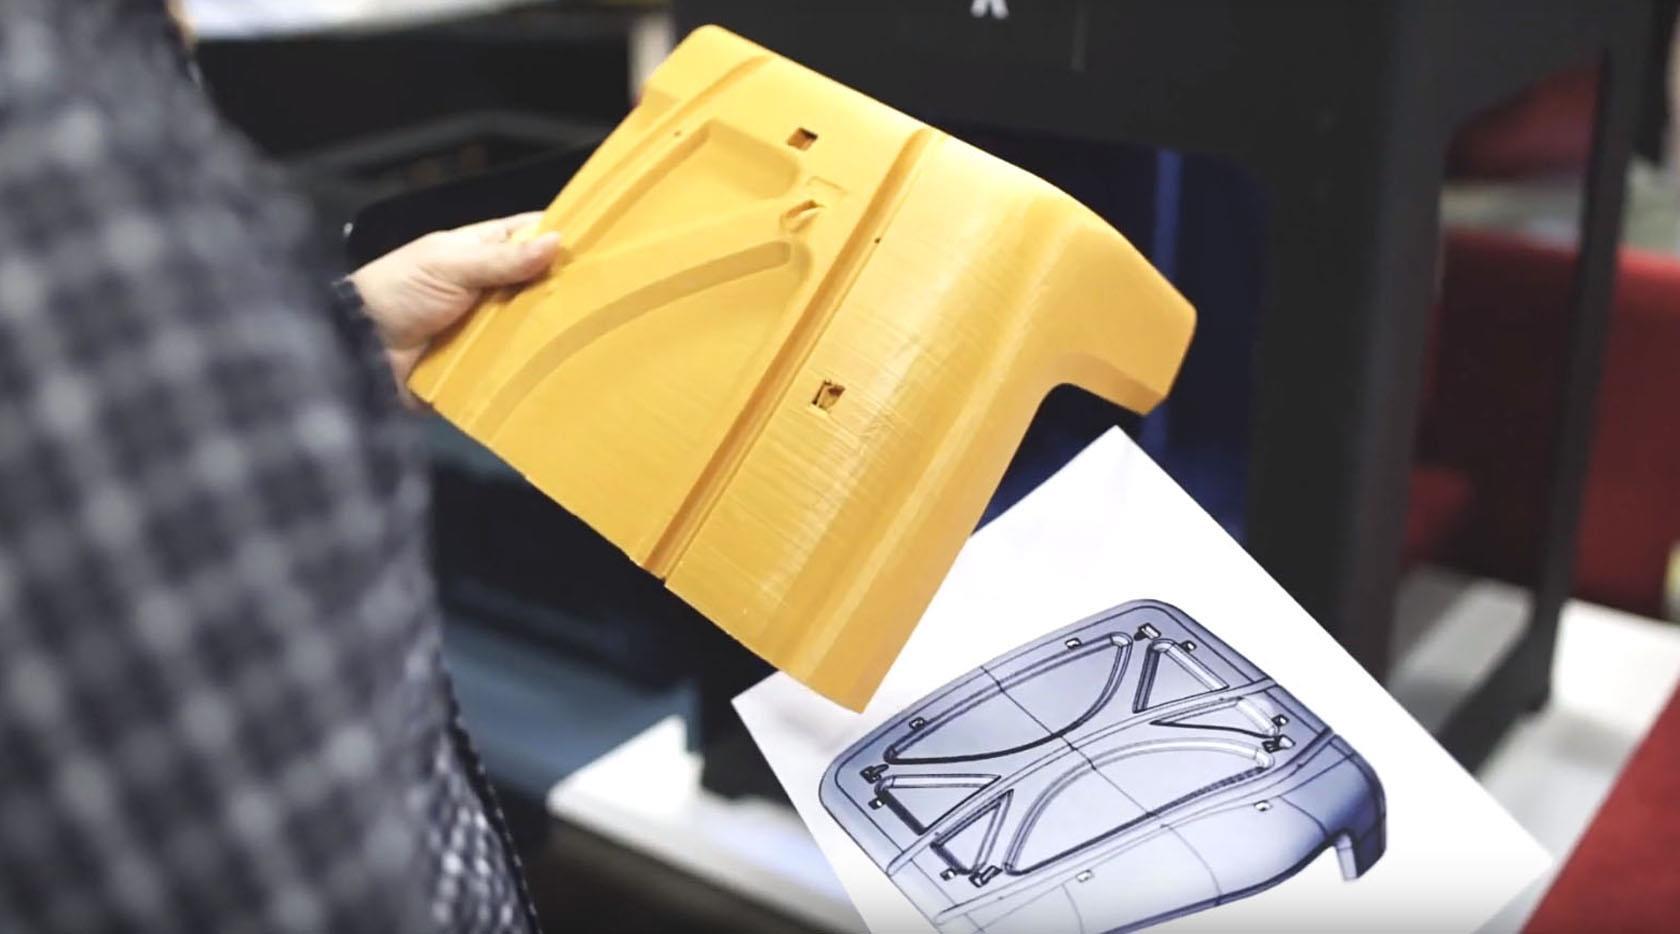 Üretim Hizmetleri mock up test ve prototip aşaması görseli